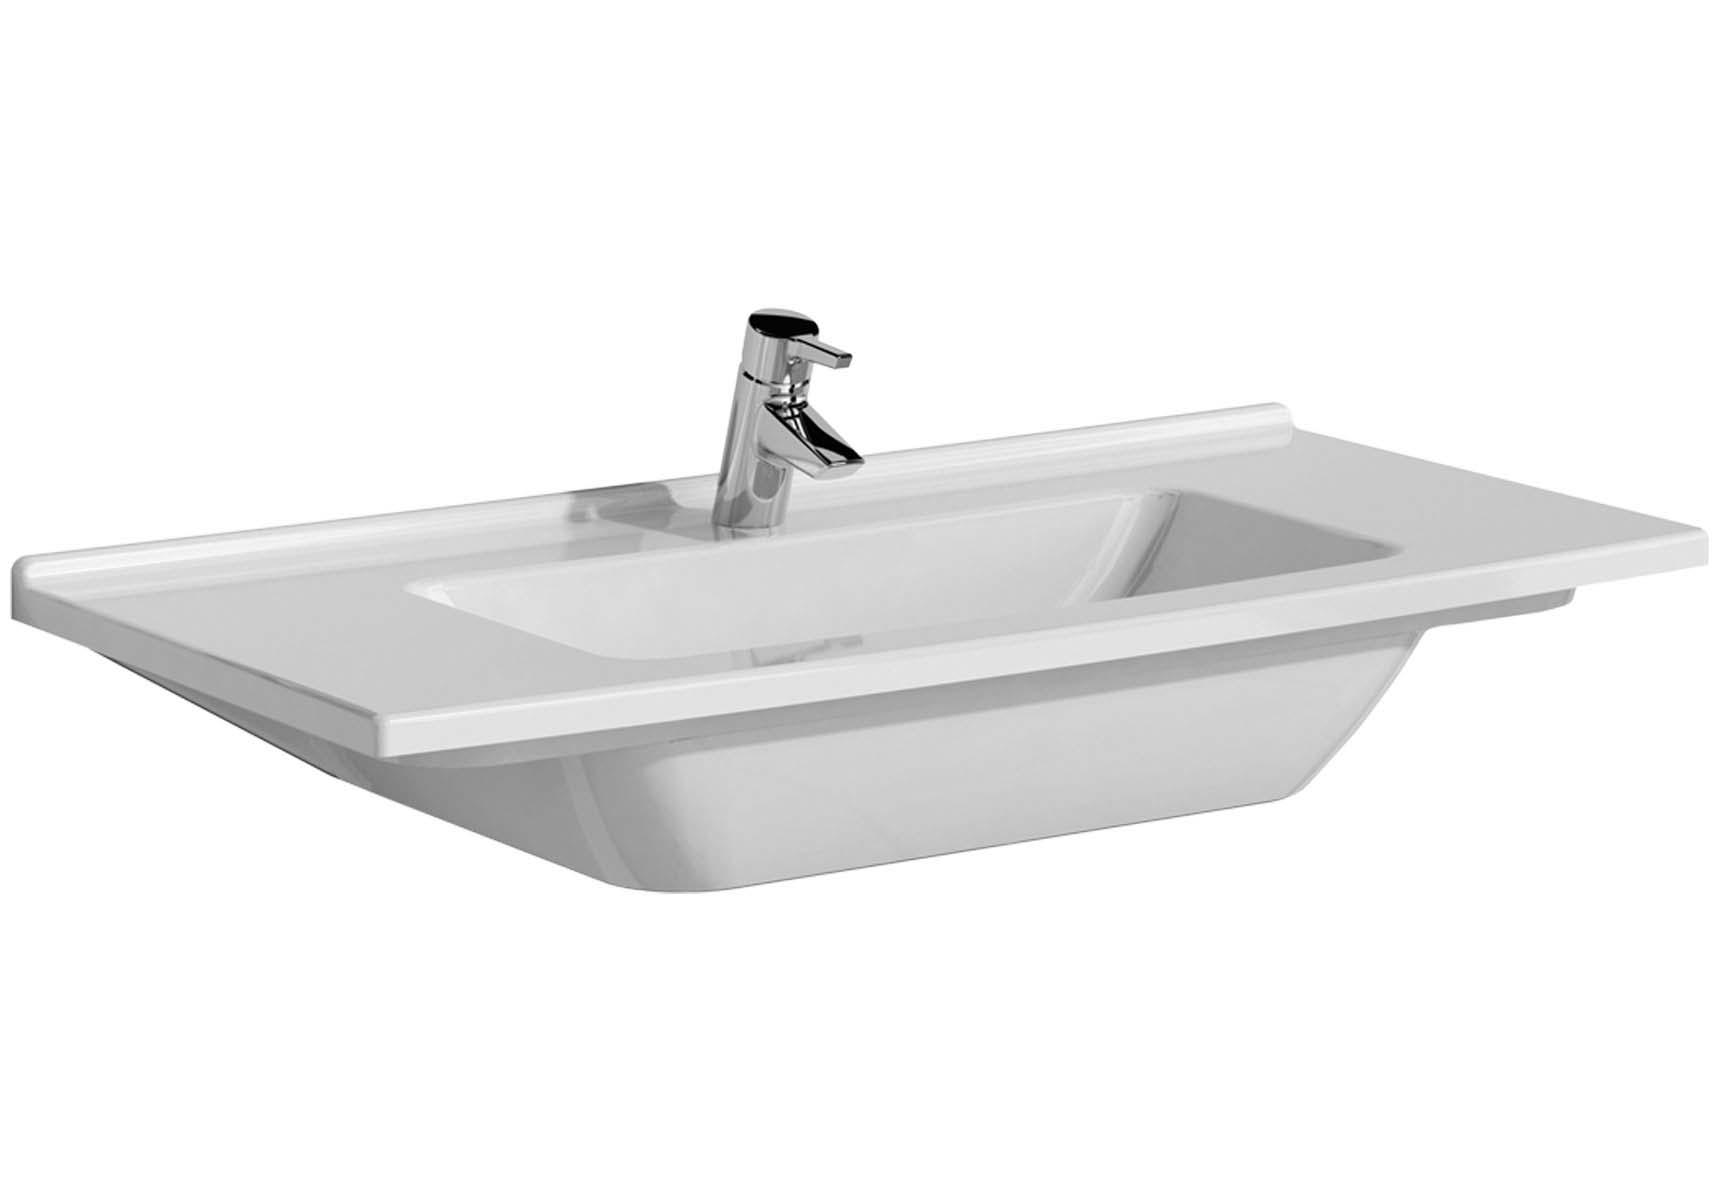 S50 Vanity Basin, 100 cm